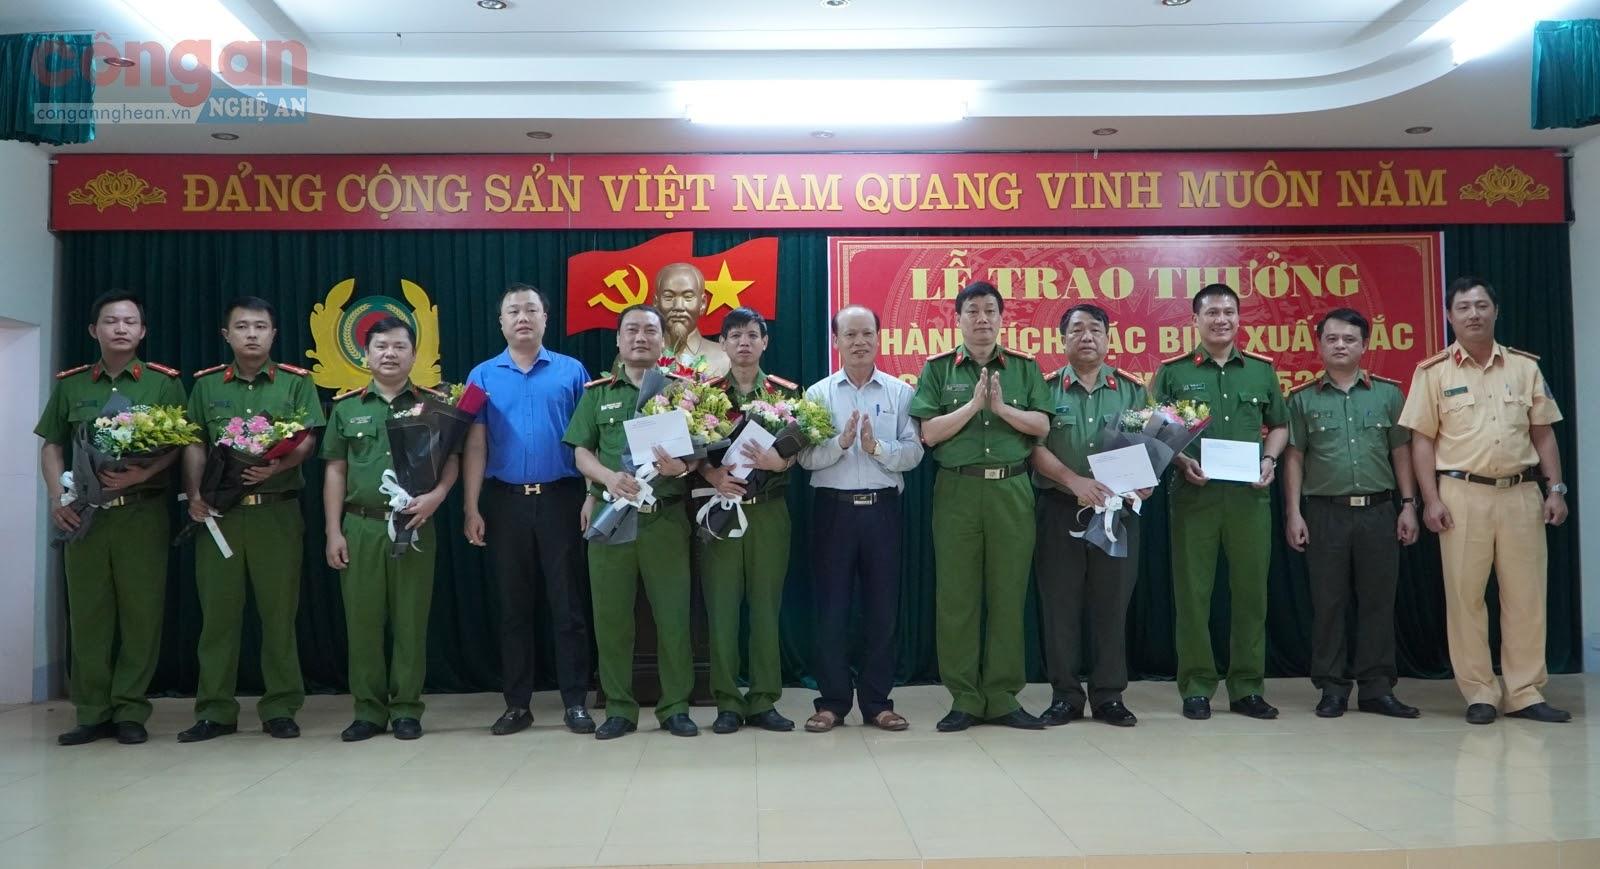 Đồng chí Đại tá Nguyễn Mạnh Hùng, Phó Giám đốc, Thủ trưởng Cơ quan CSĐT Công an tỉnh và lãnh đạo Huyện ủy, UBND huyện Hưng Nguyên trao thưởng cho Ban Chuyên án